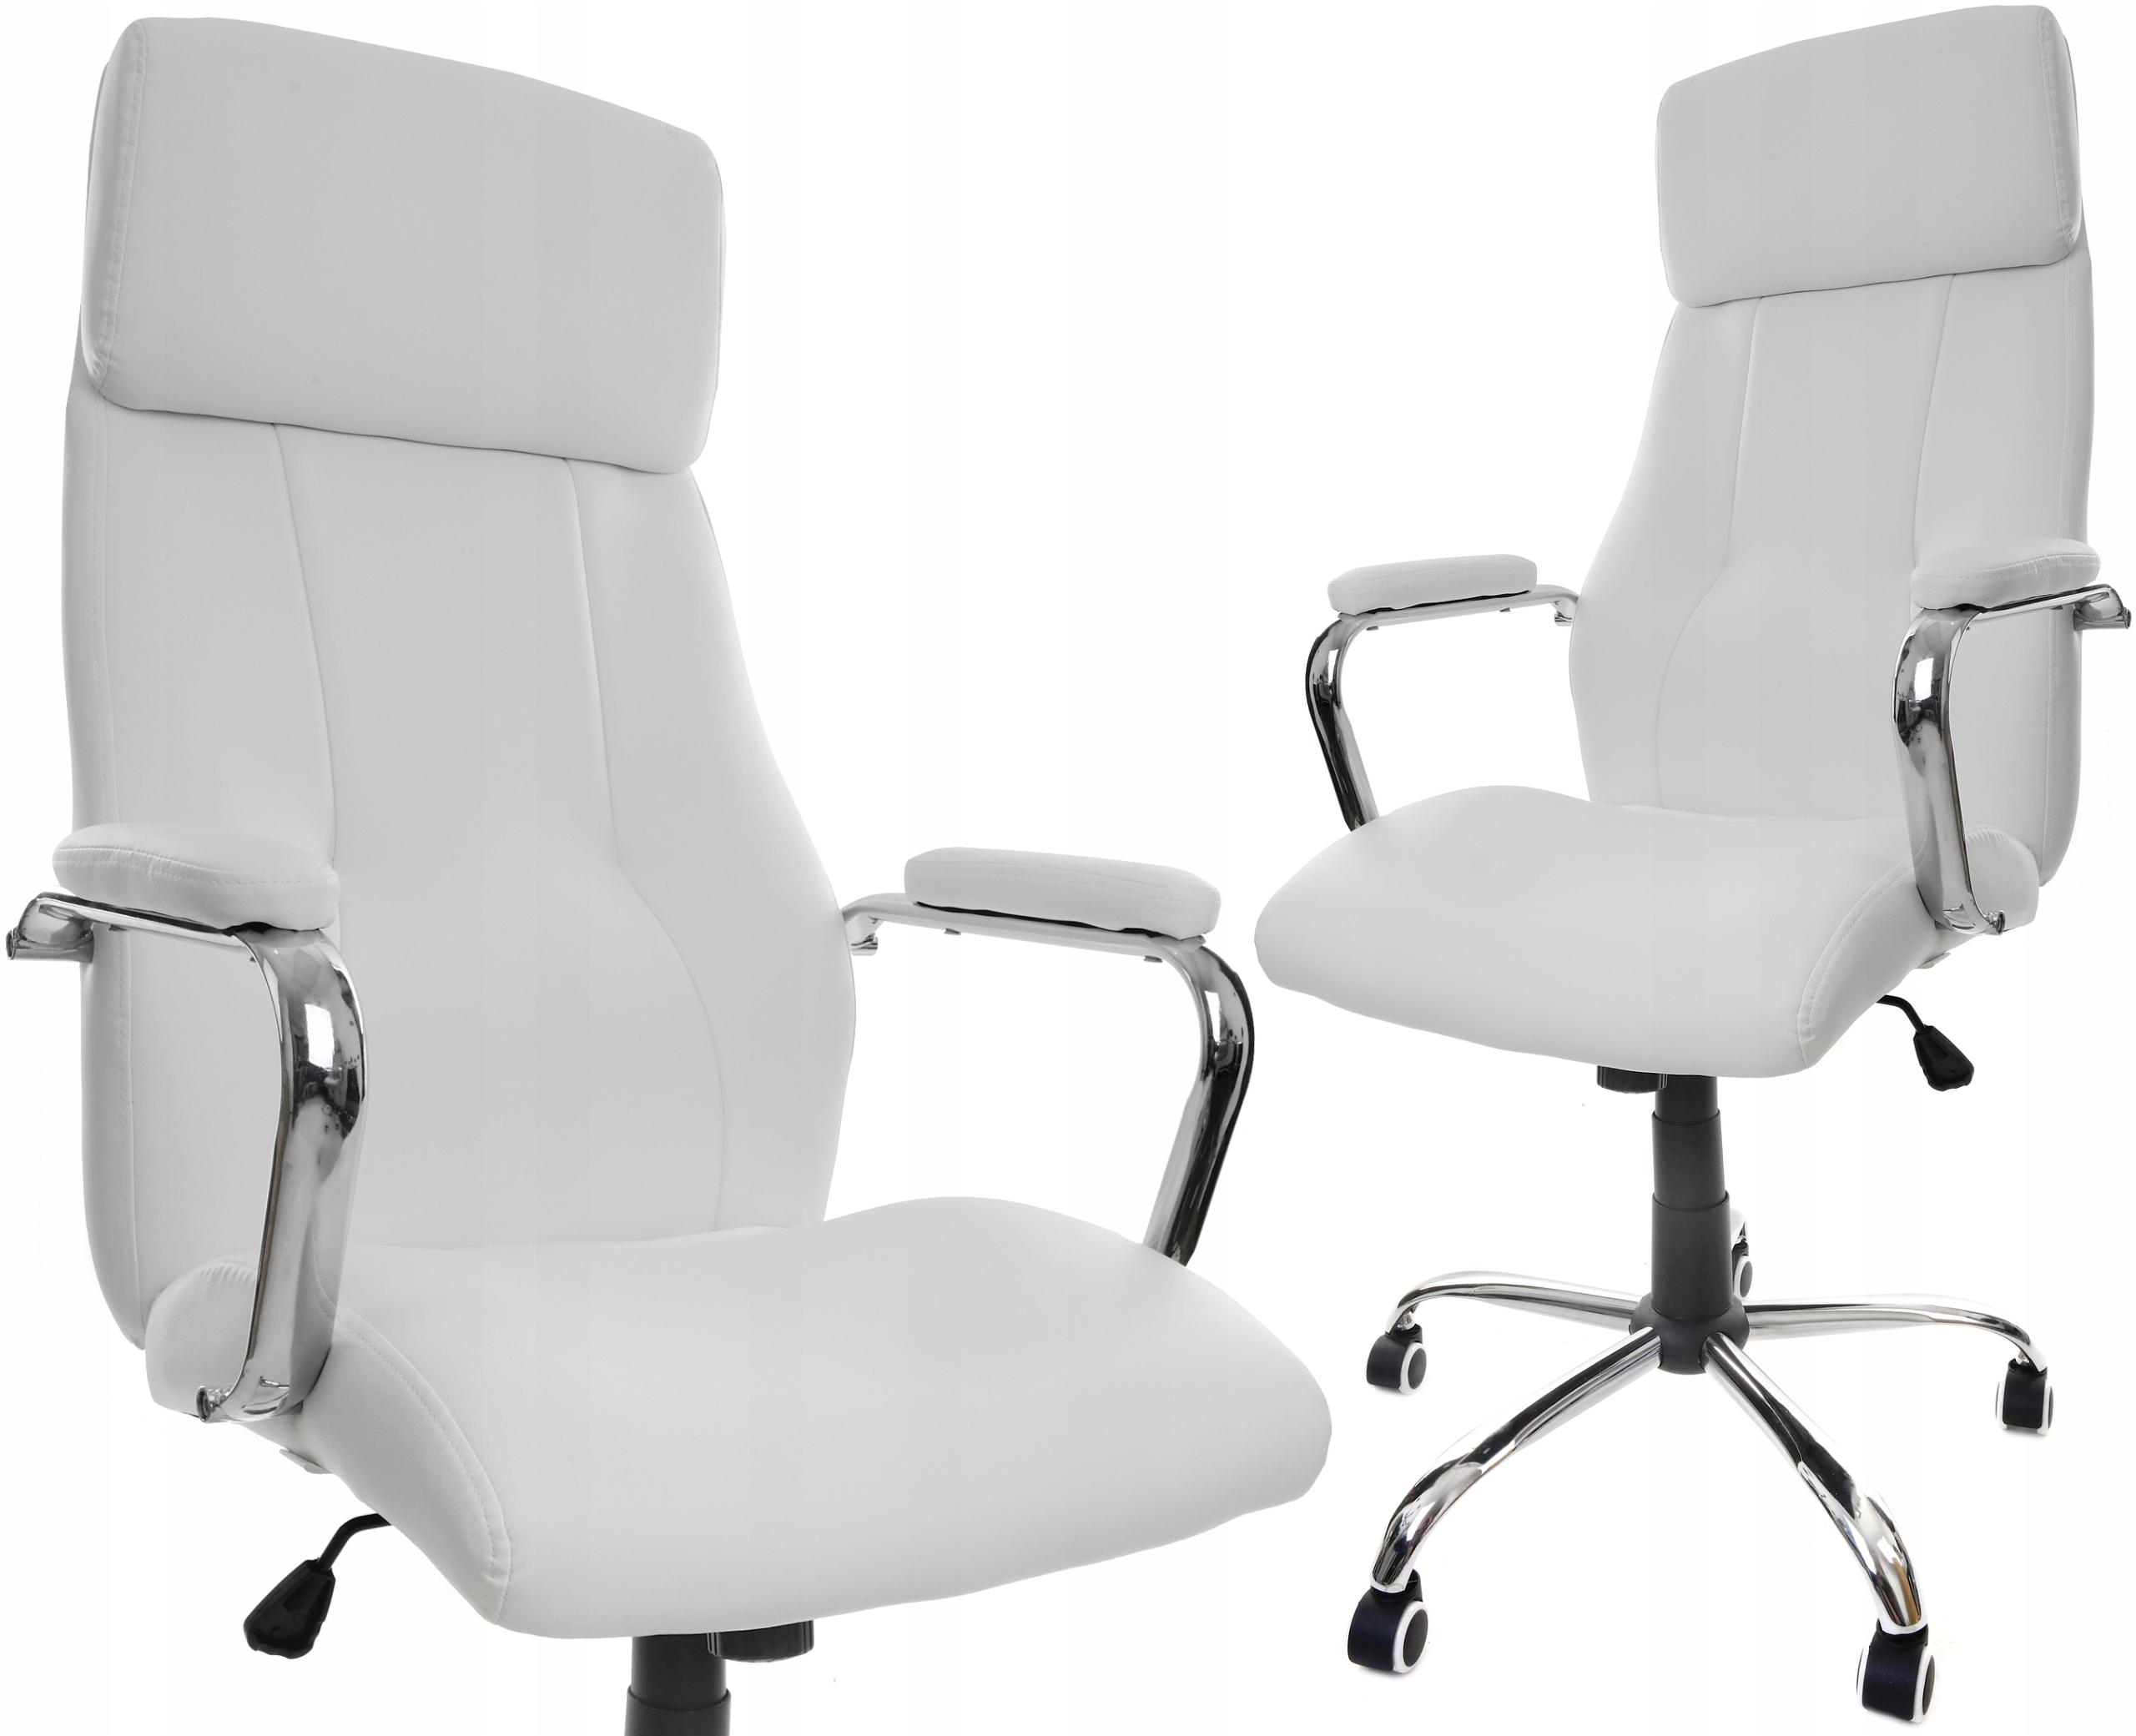 Fotel Biurowy Obrotowy Krzesło Biurowe Vecotti kup online